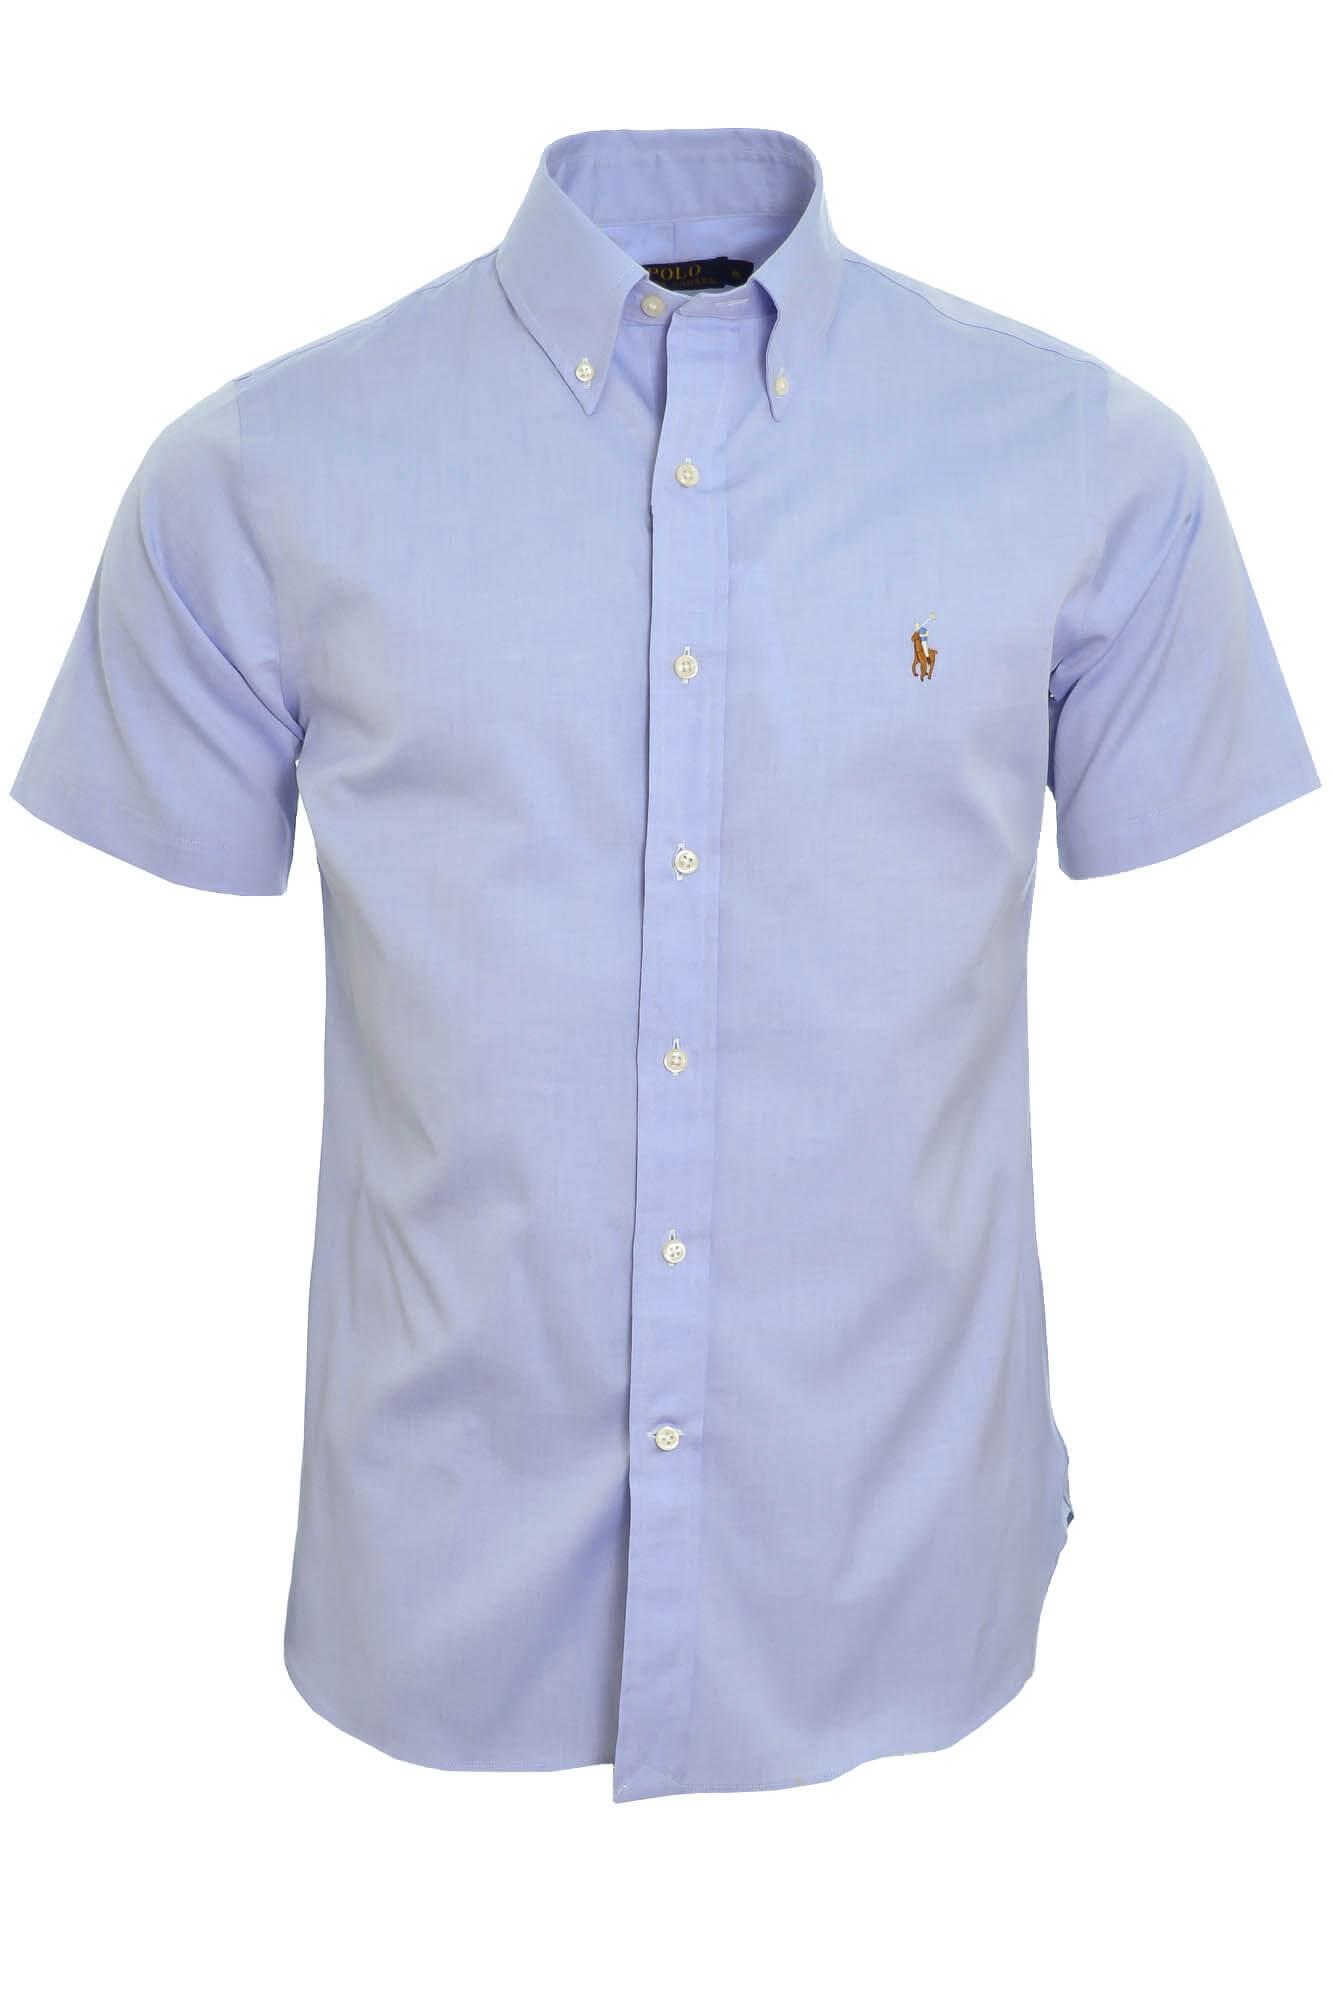 d21b1111050e3 POLO Ralph Lauren chemises New style manche courte man 2013 coton Color pony  white